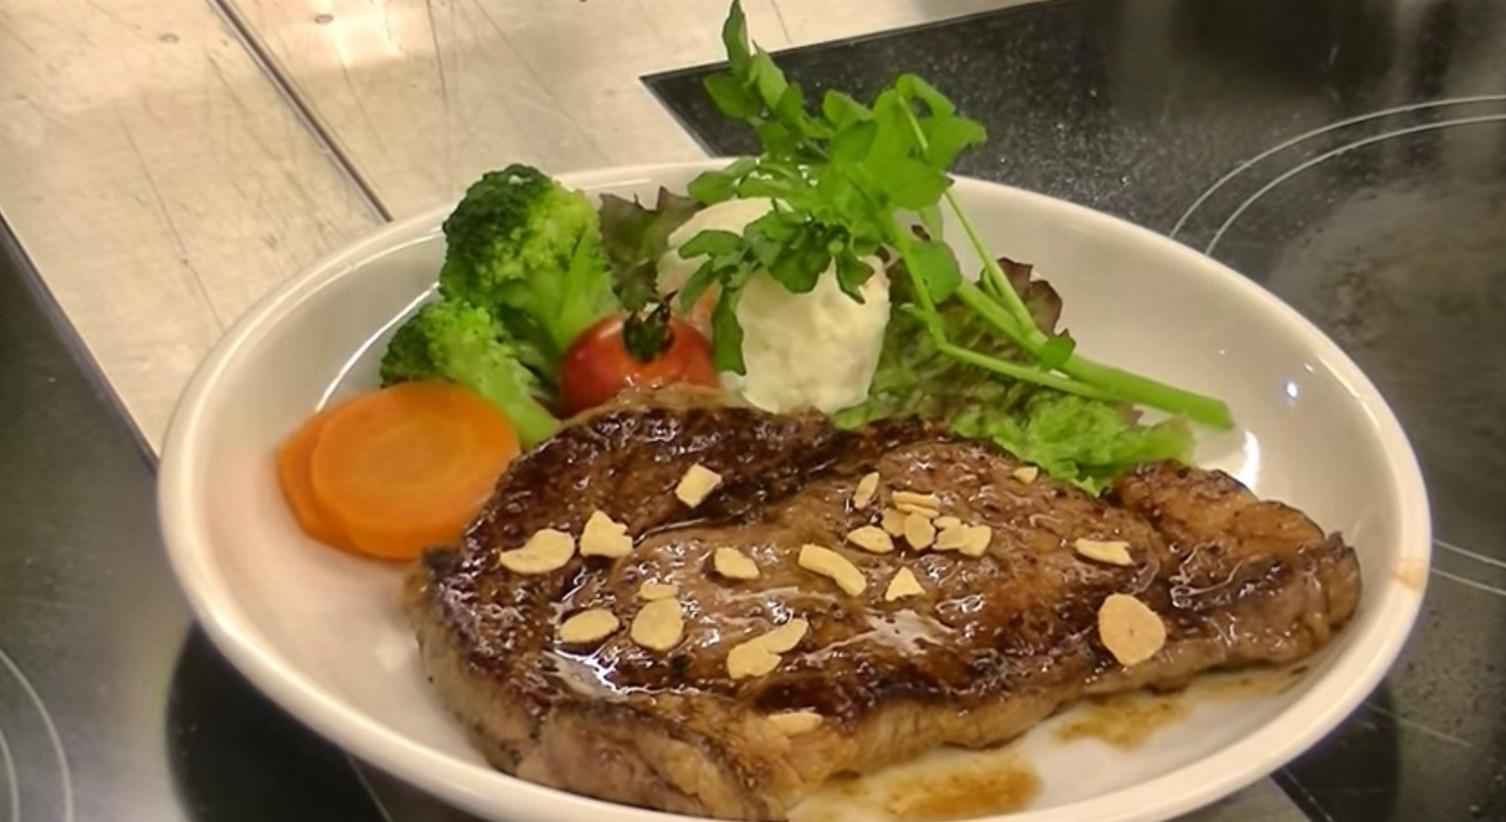 行列に並ばなくてもOK!「いきなり!ステーキ」が家でも食べられる!(美味しい焼き方レシピ動画)